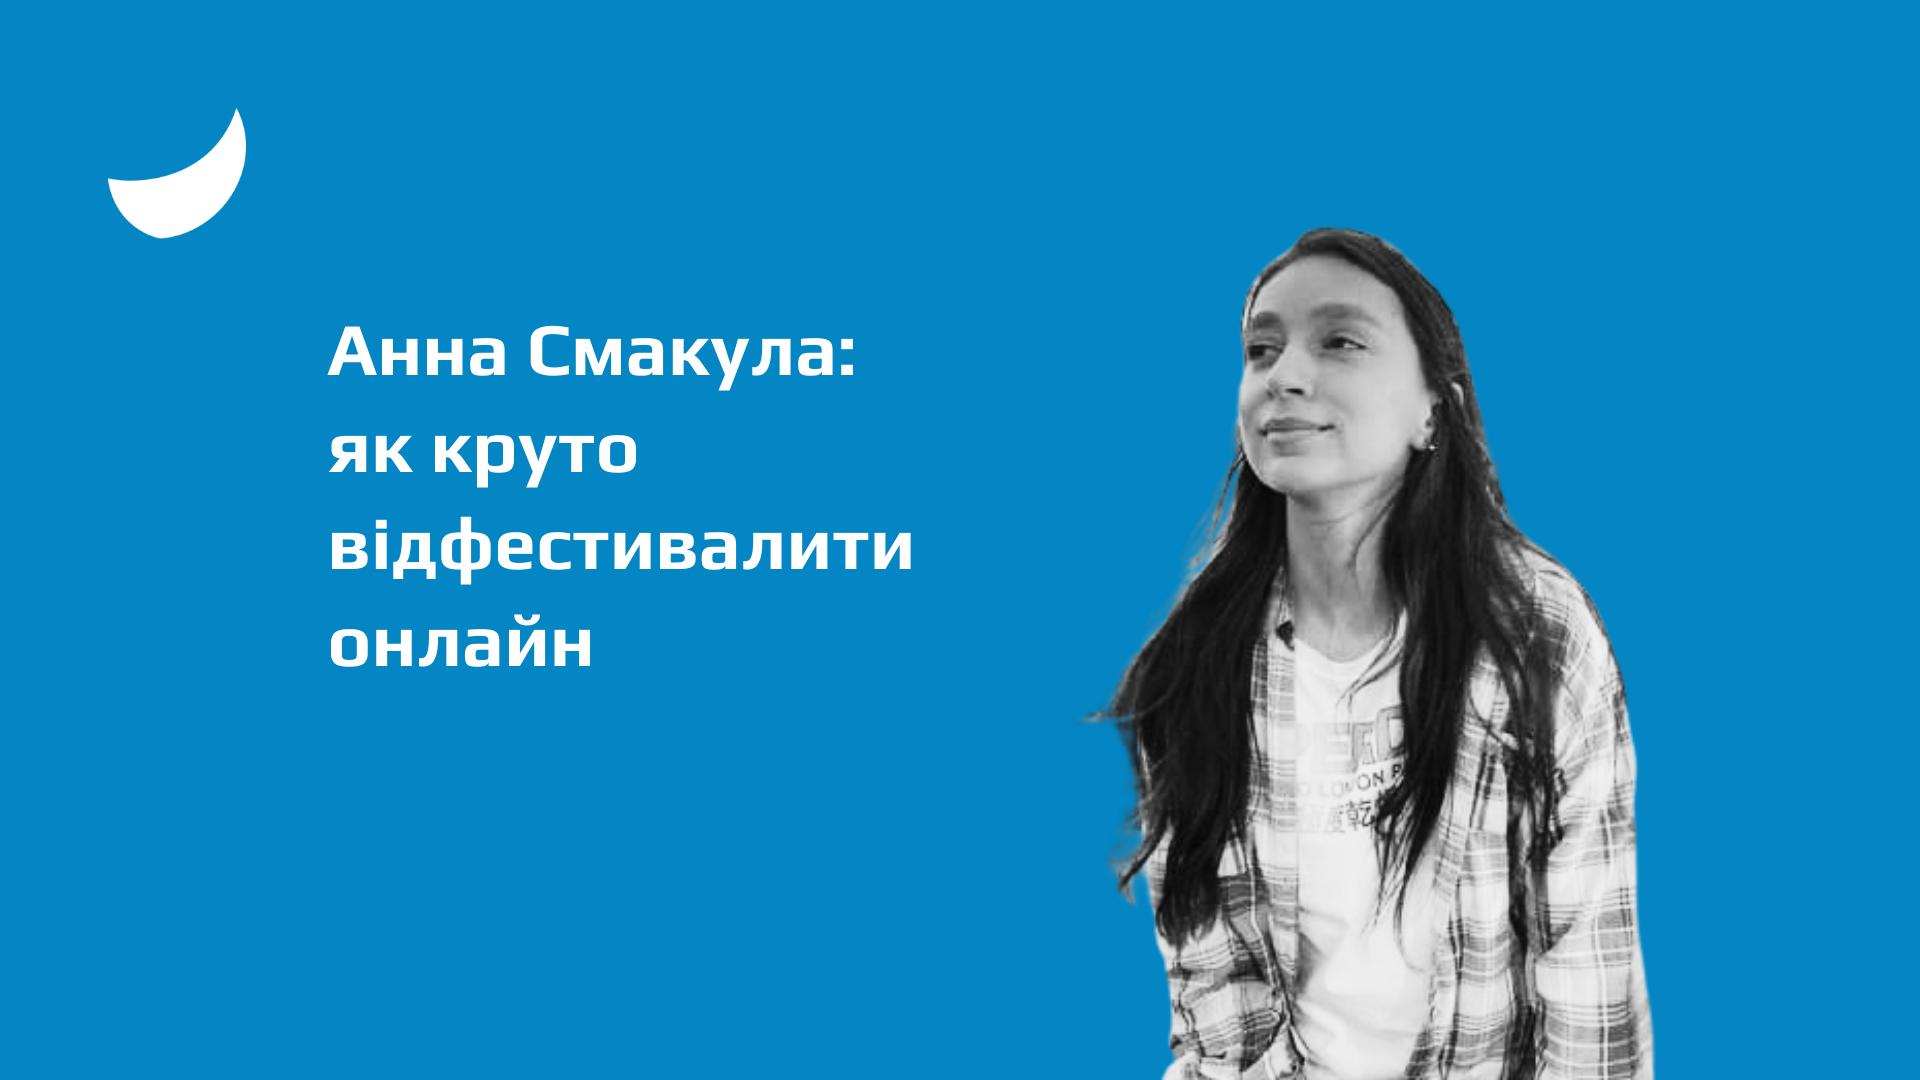 Анна Смакула